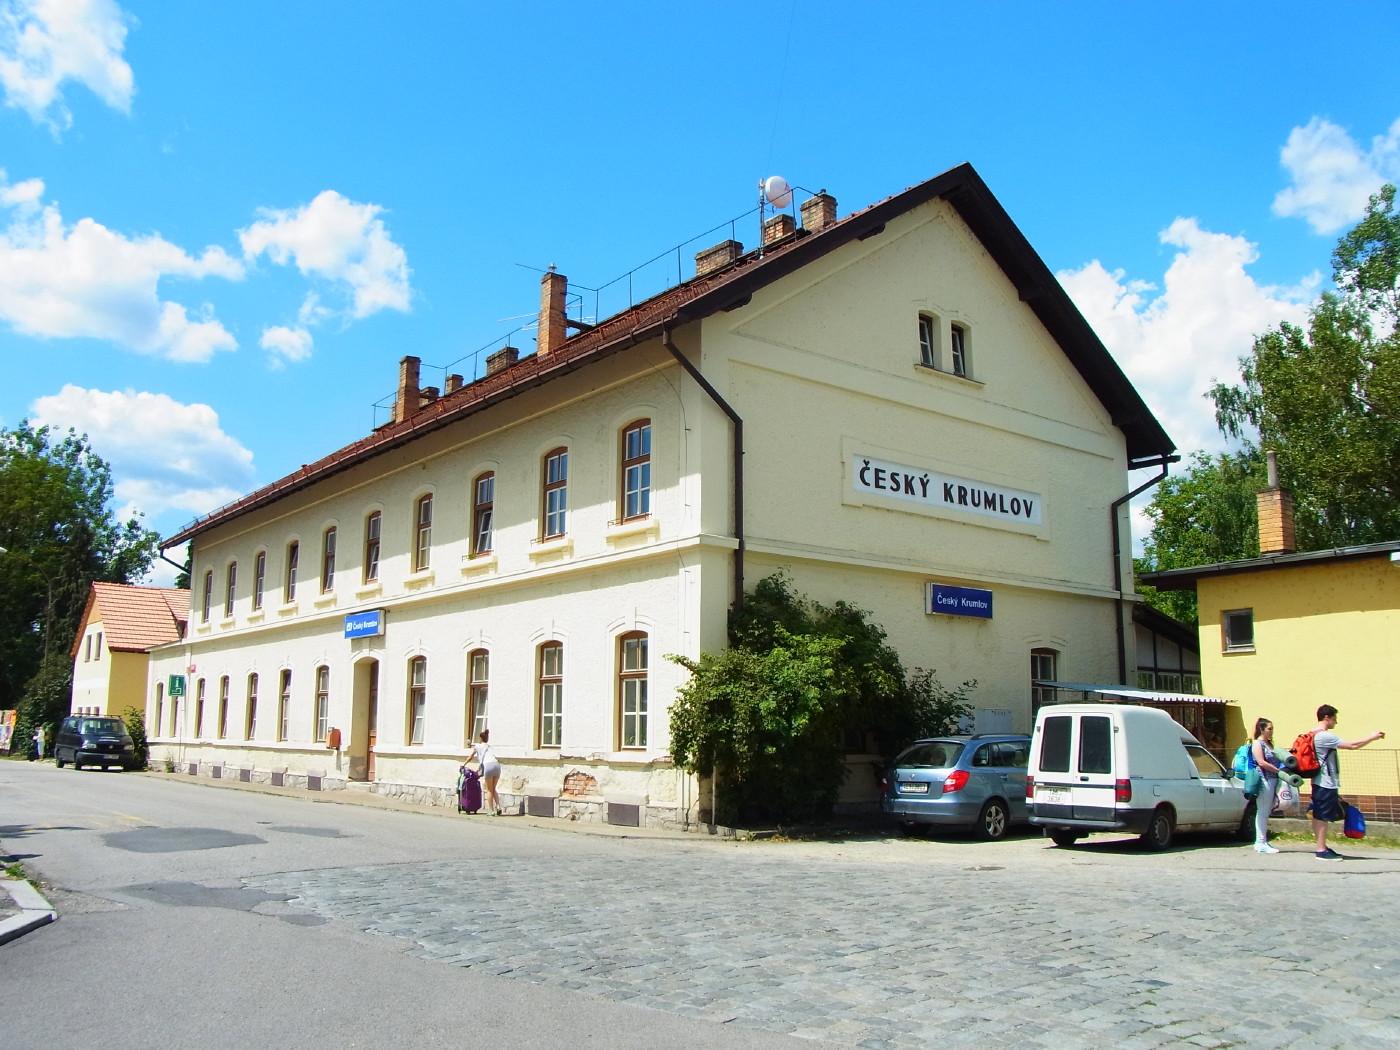 古い建物と街並みをもとめて: チェスキー・クルムロフの風景 古い建物と... 古い建物と街並みを